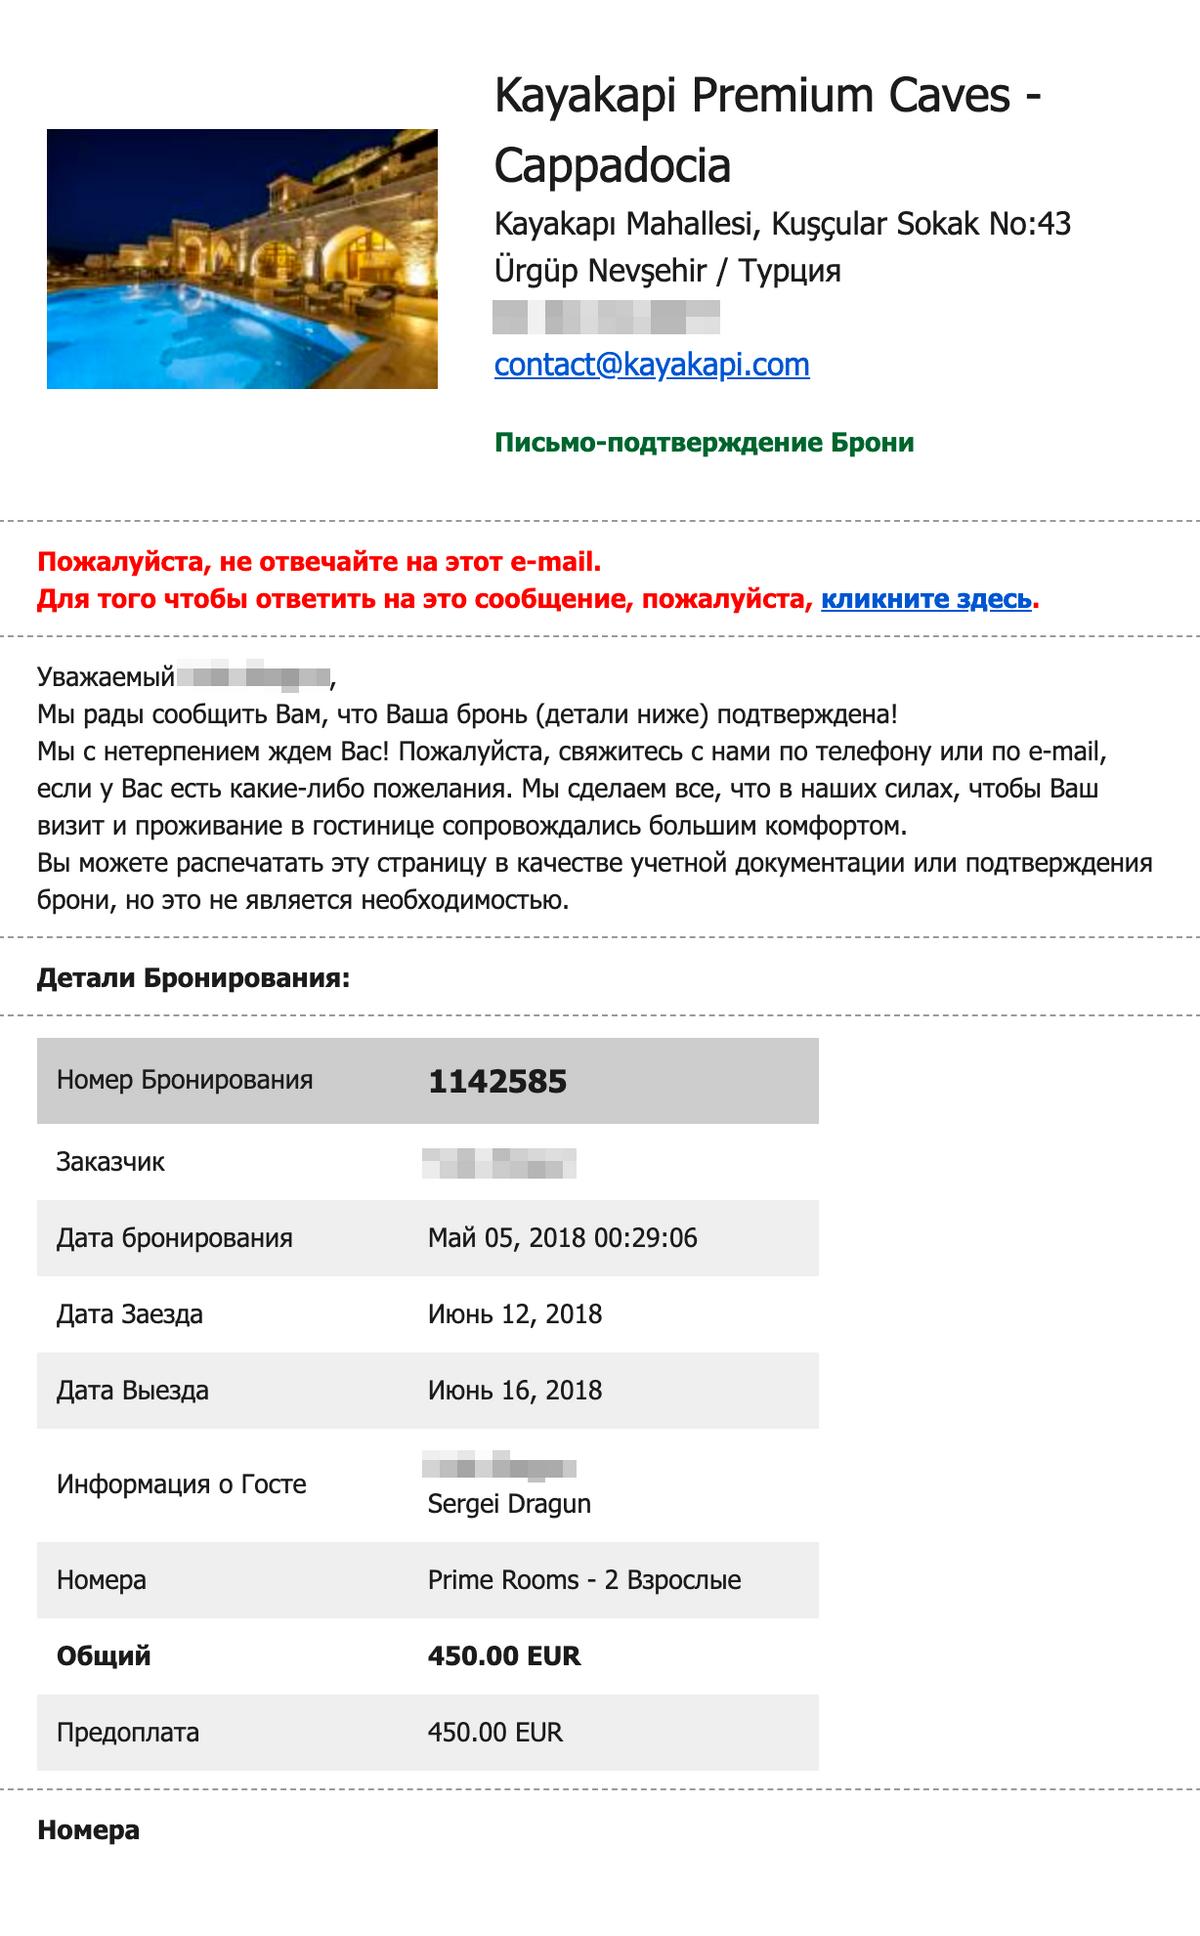 Письмо от отеля с подтверждением брони. По курсу на май 2018&nbsp;года получилось 33 138<span class=ruble>Р</span> — дешевле, чем на «Агоде», плюс ужин и трансфер